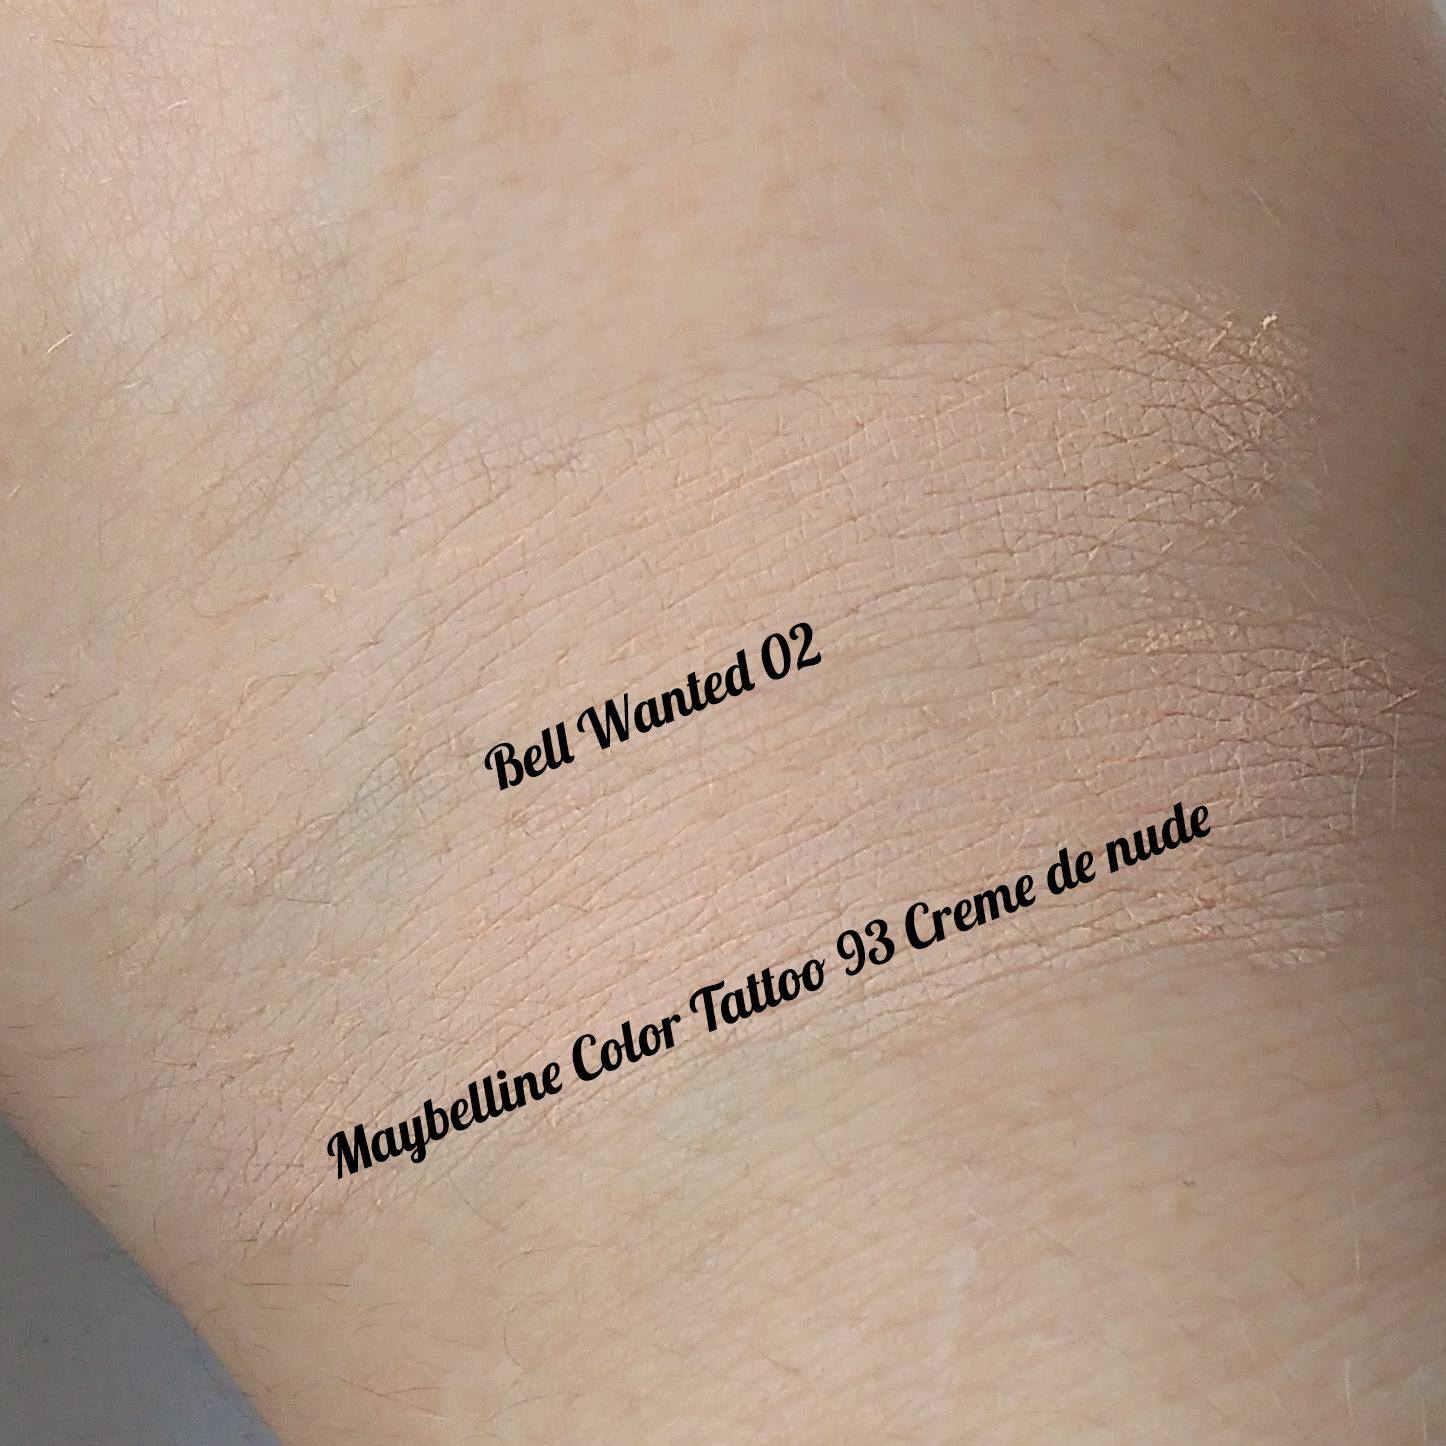 Nihil novi kosmetycznie i nie tylko moja opinia o bell for Maybelline color tattoo creme de nude